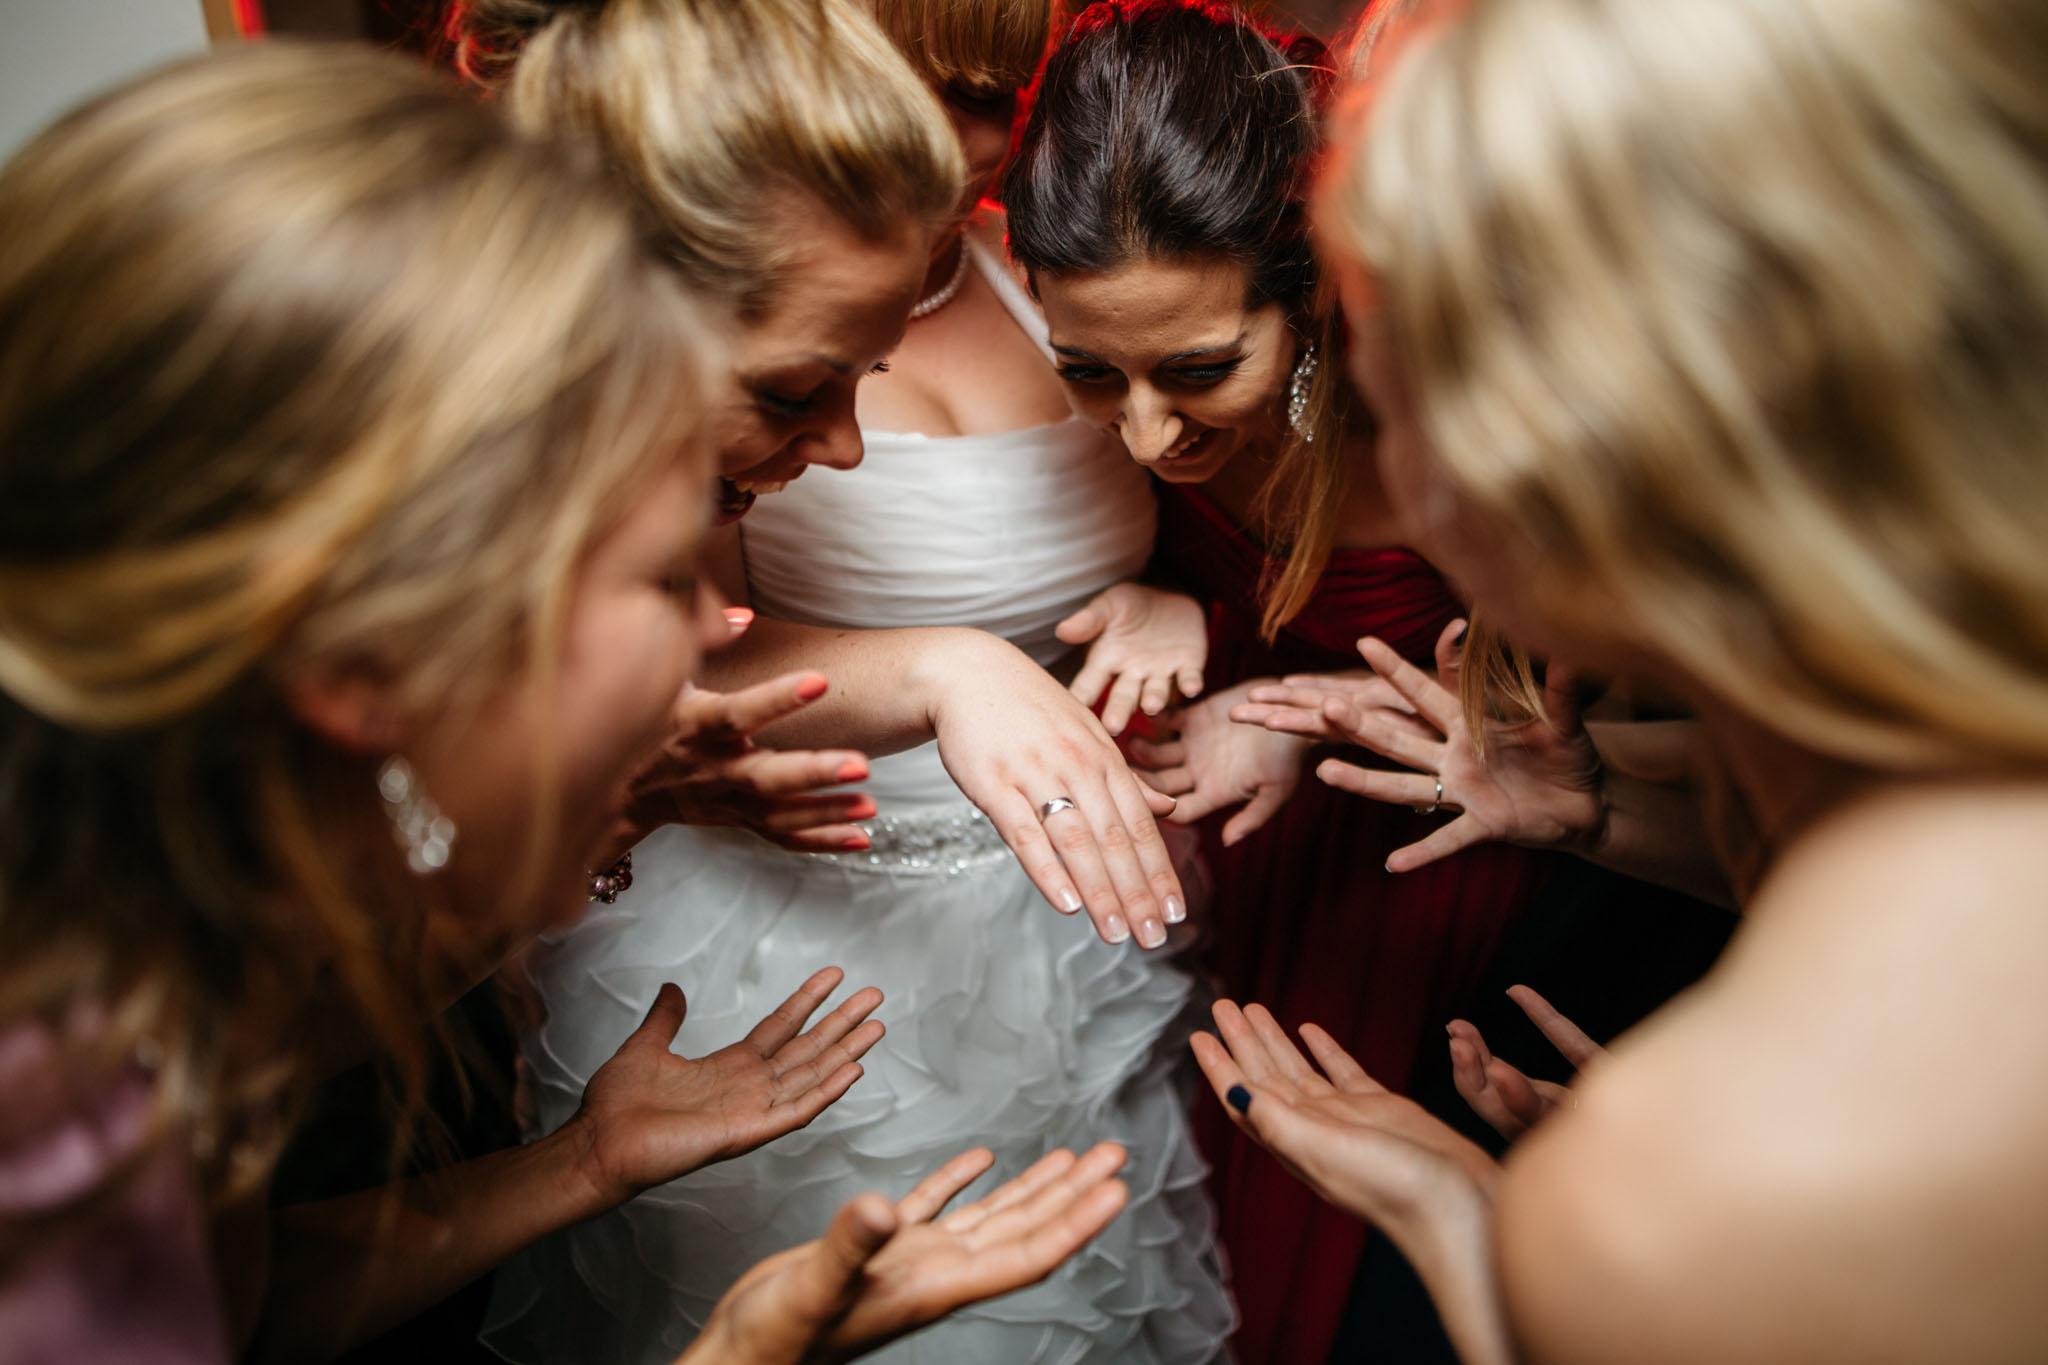 SönkeMahs-Hochzeit-Vanessa&Tobi-www.smahs.de-#1.jpg